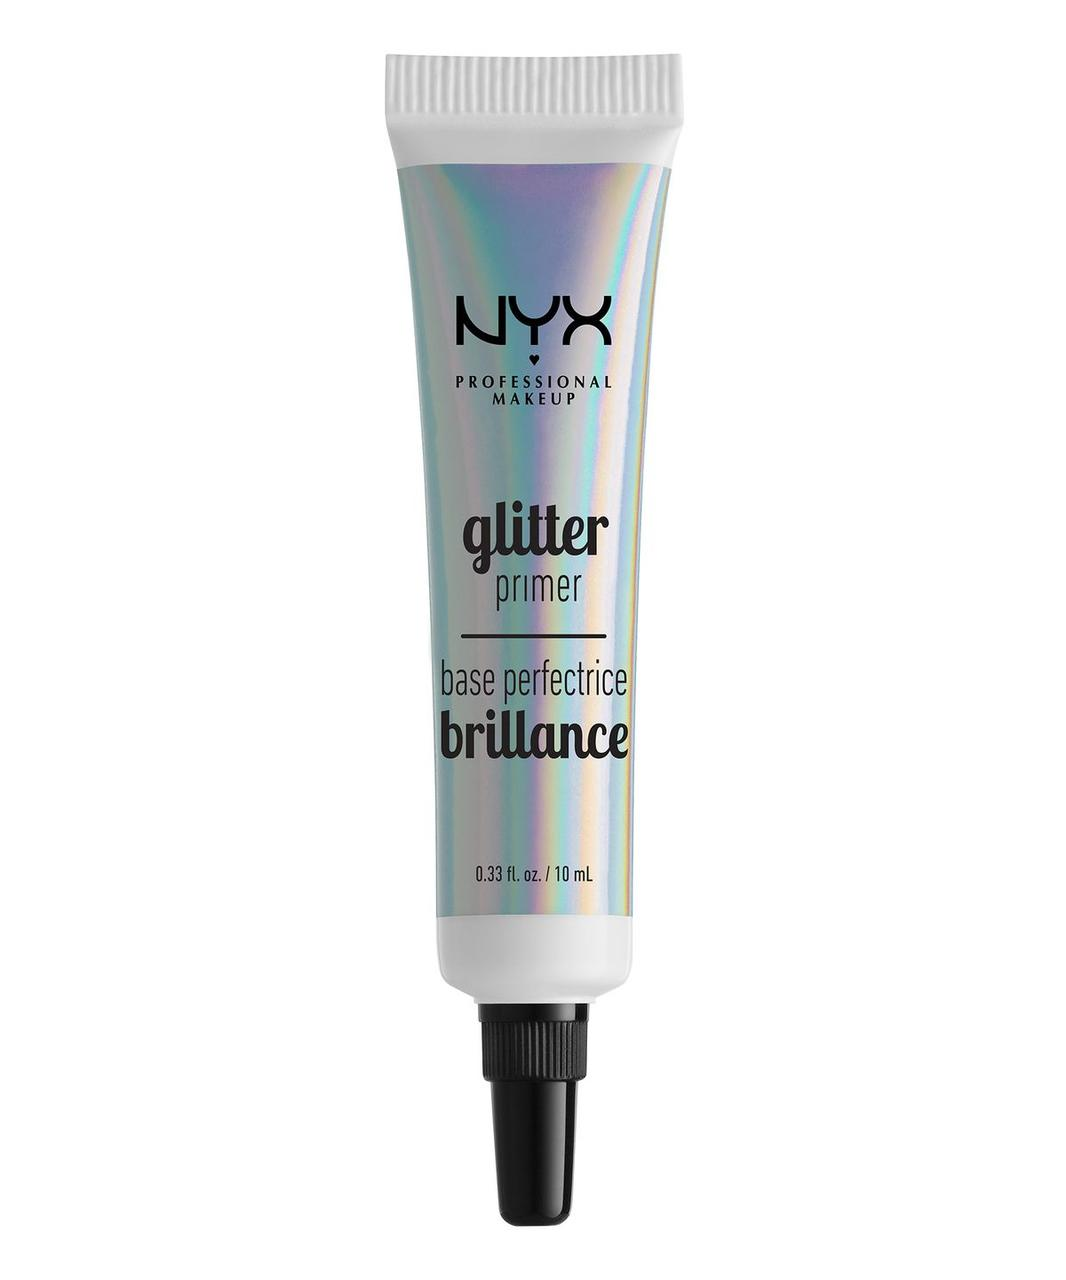 Праймер для нанесения глиттера NYX Professional Makeup Glitter Primer